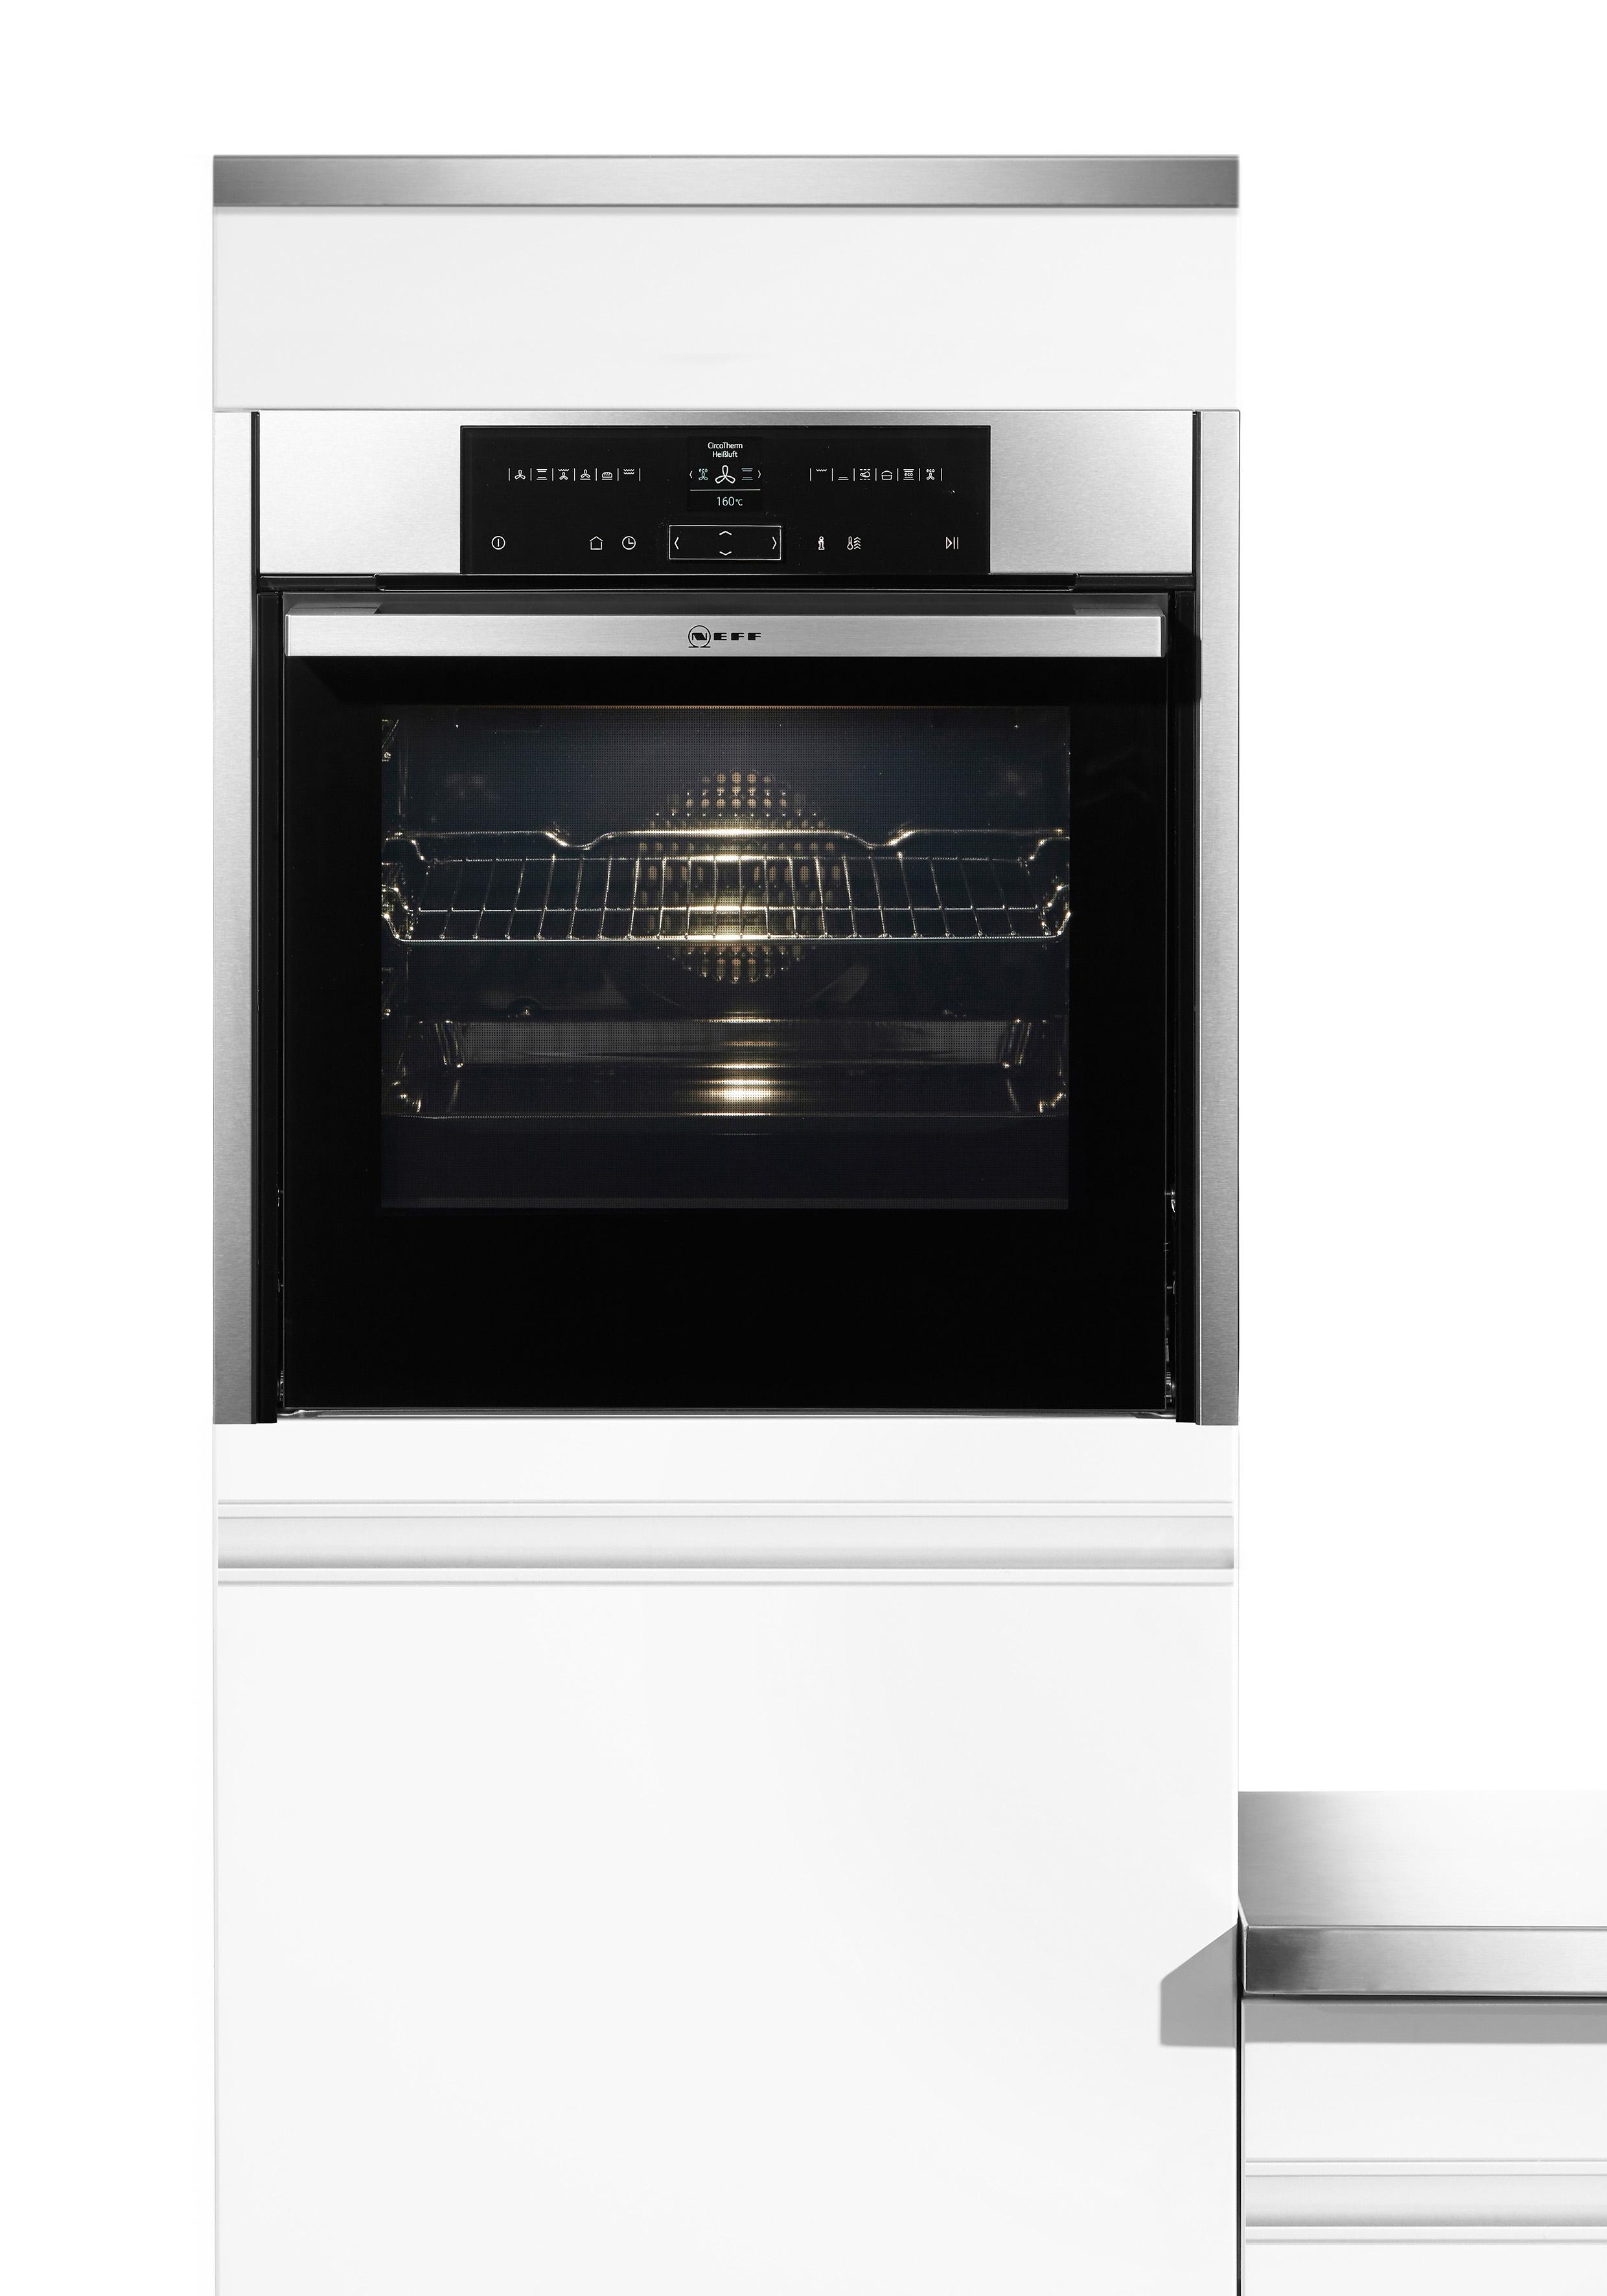 neff oven met pyrolyse zelfreiniging bcr 5522 n b55cr22n0 a vind je bij otto. Black Bedroom Furniture Sets. Home Design Ideas